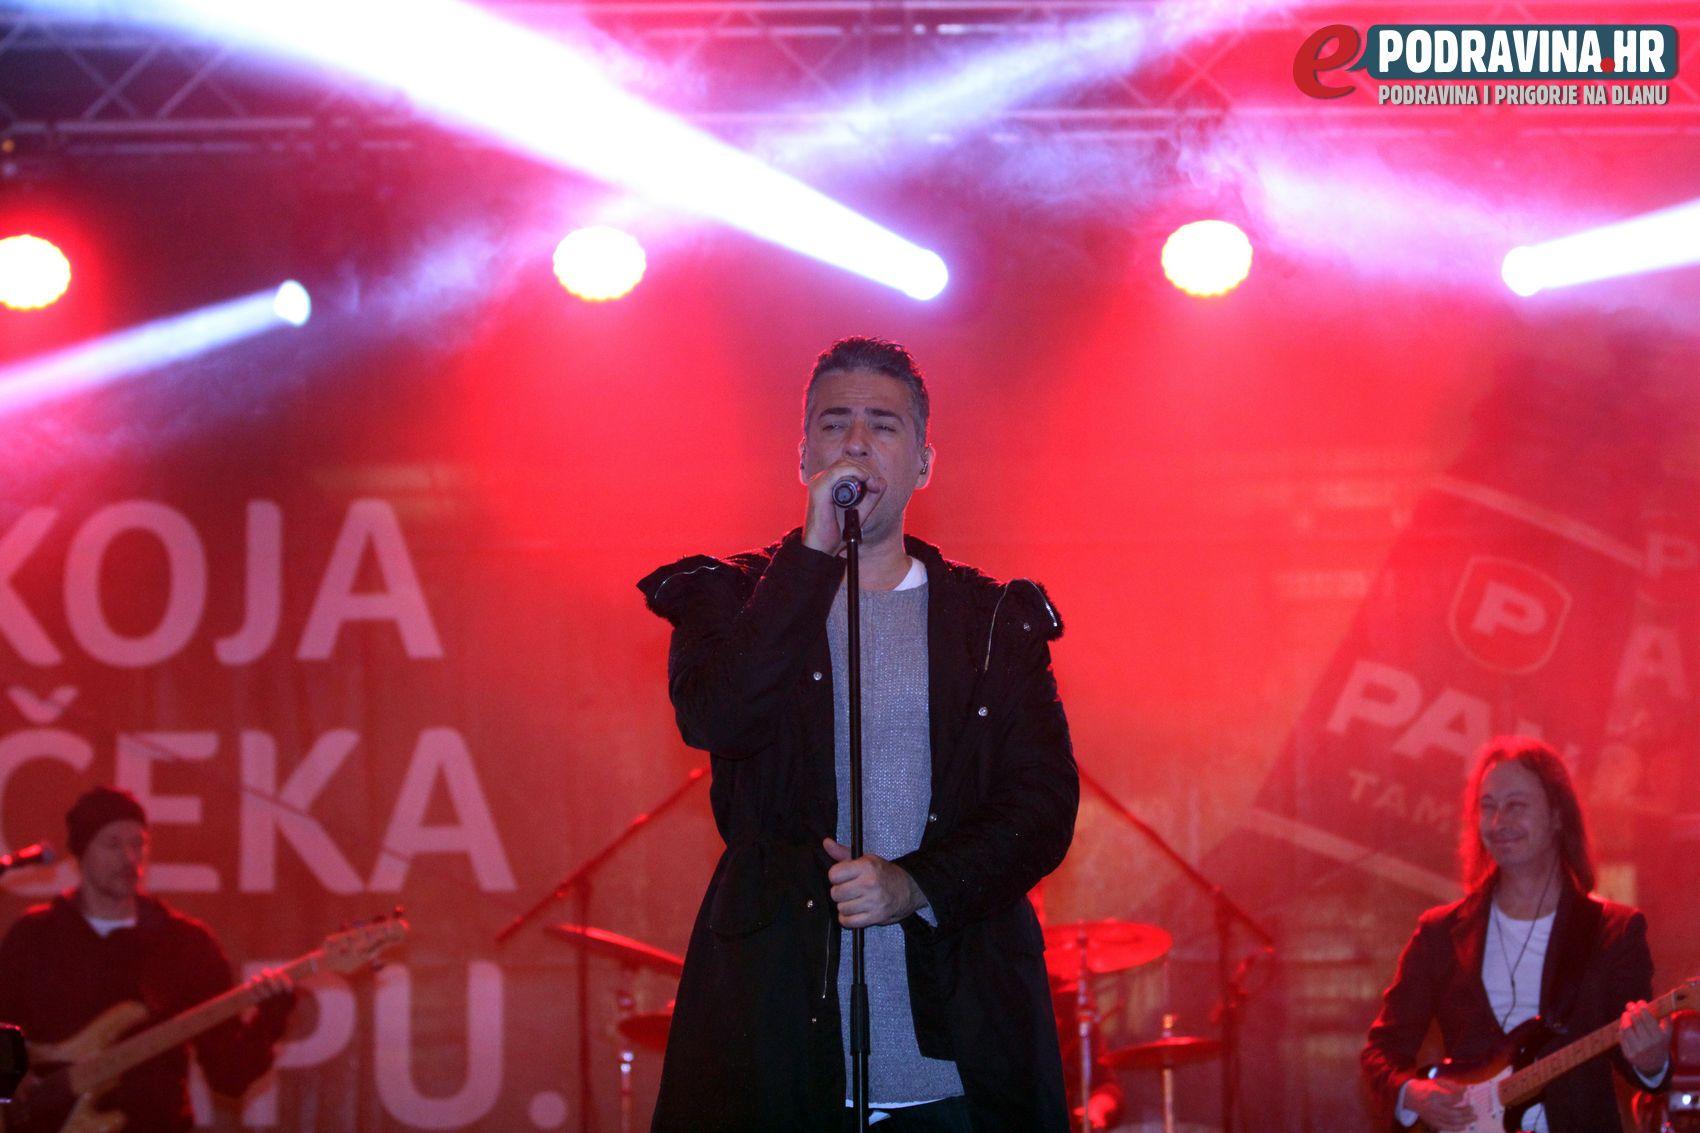 Prvomajski koncert Željka Joksimovića